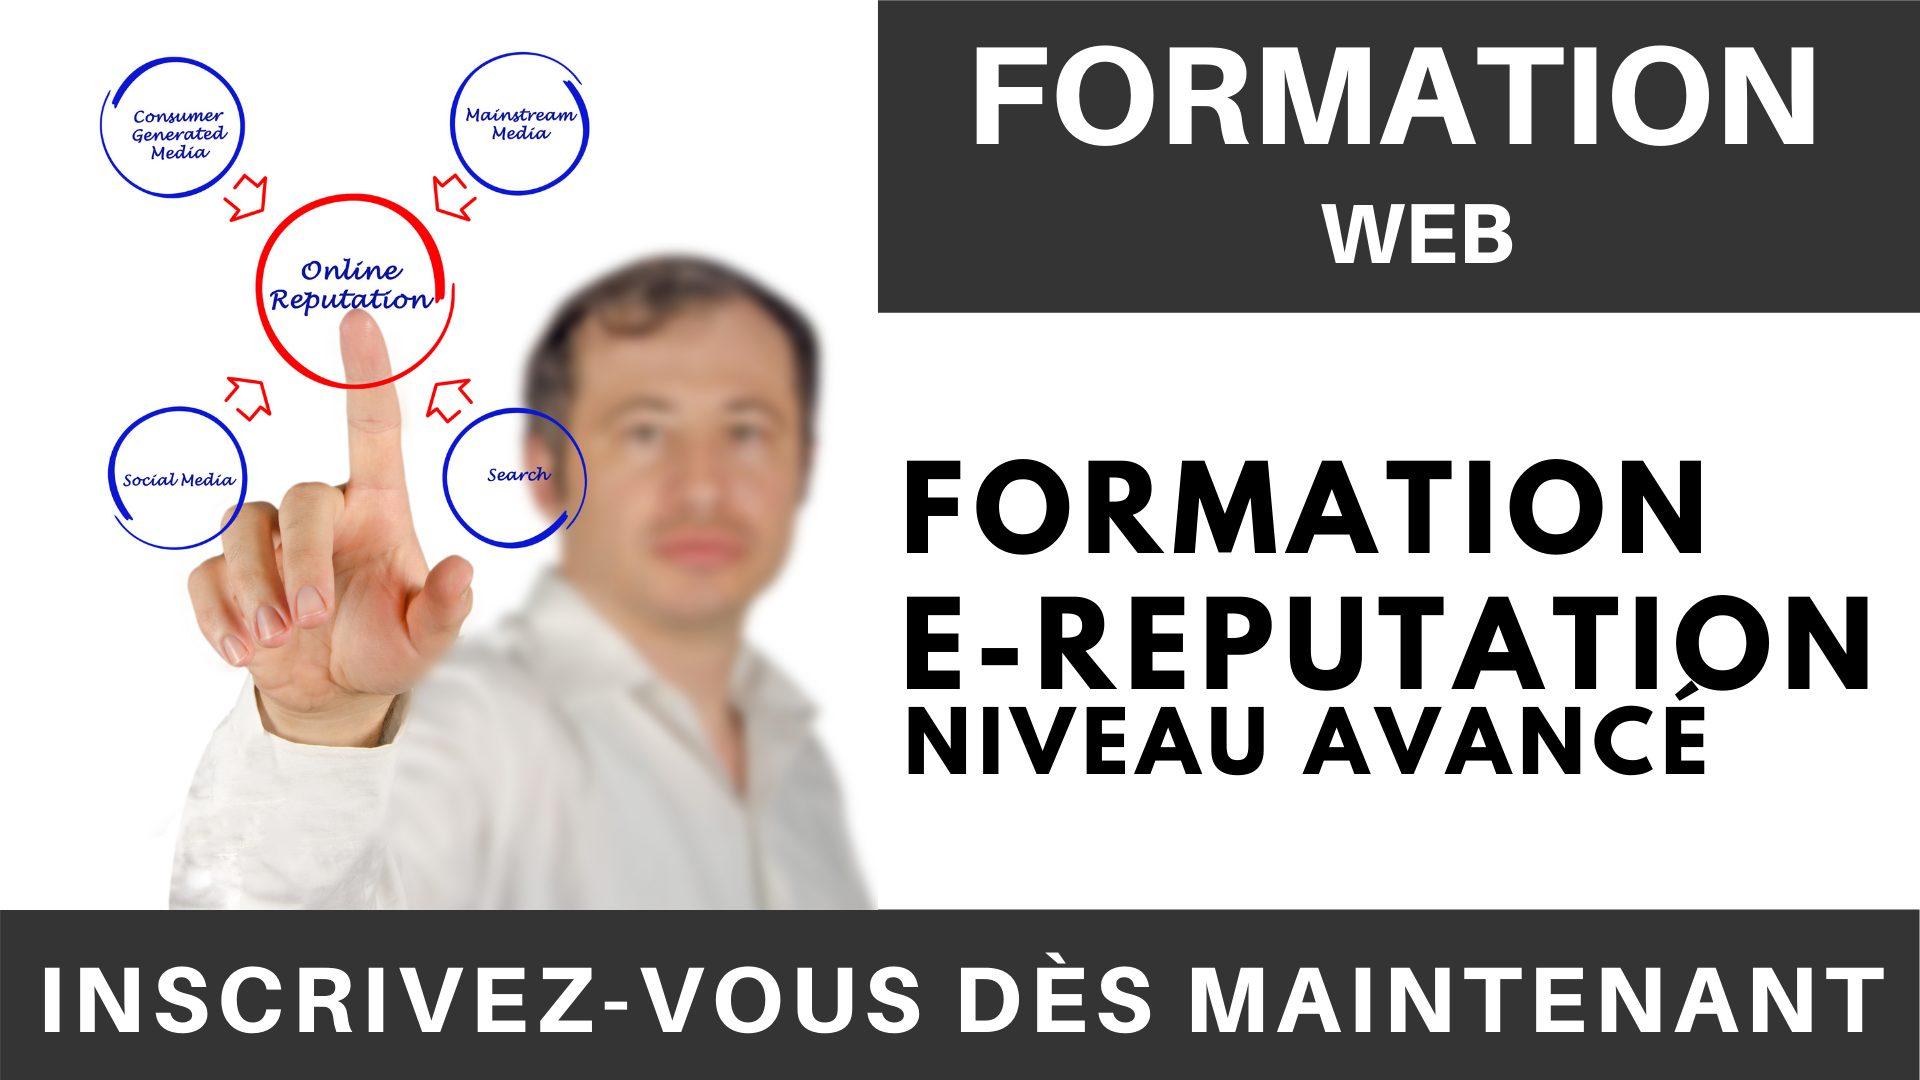 Formation WEB - Formation e-Reputation - niveau avancé